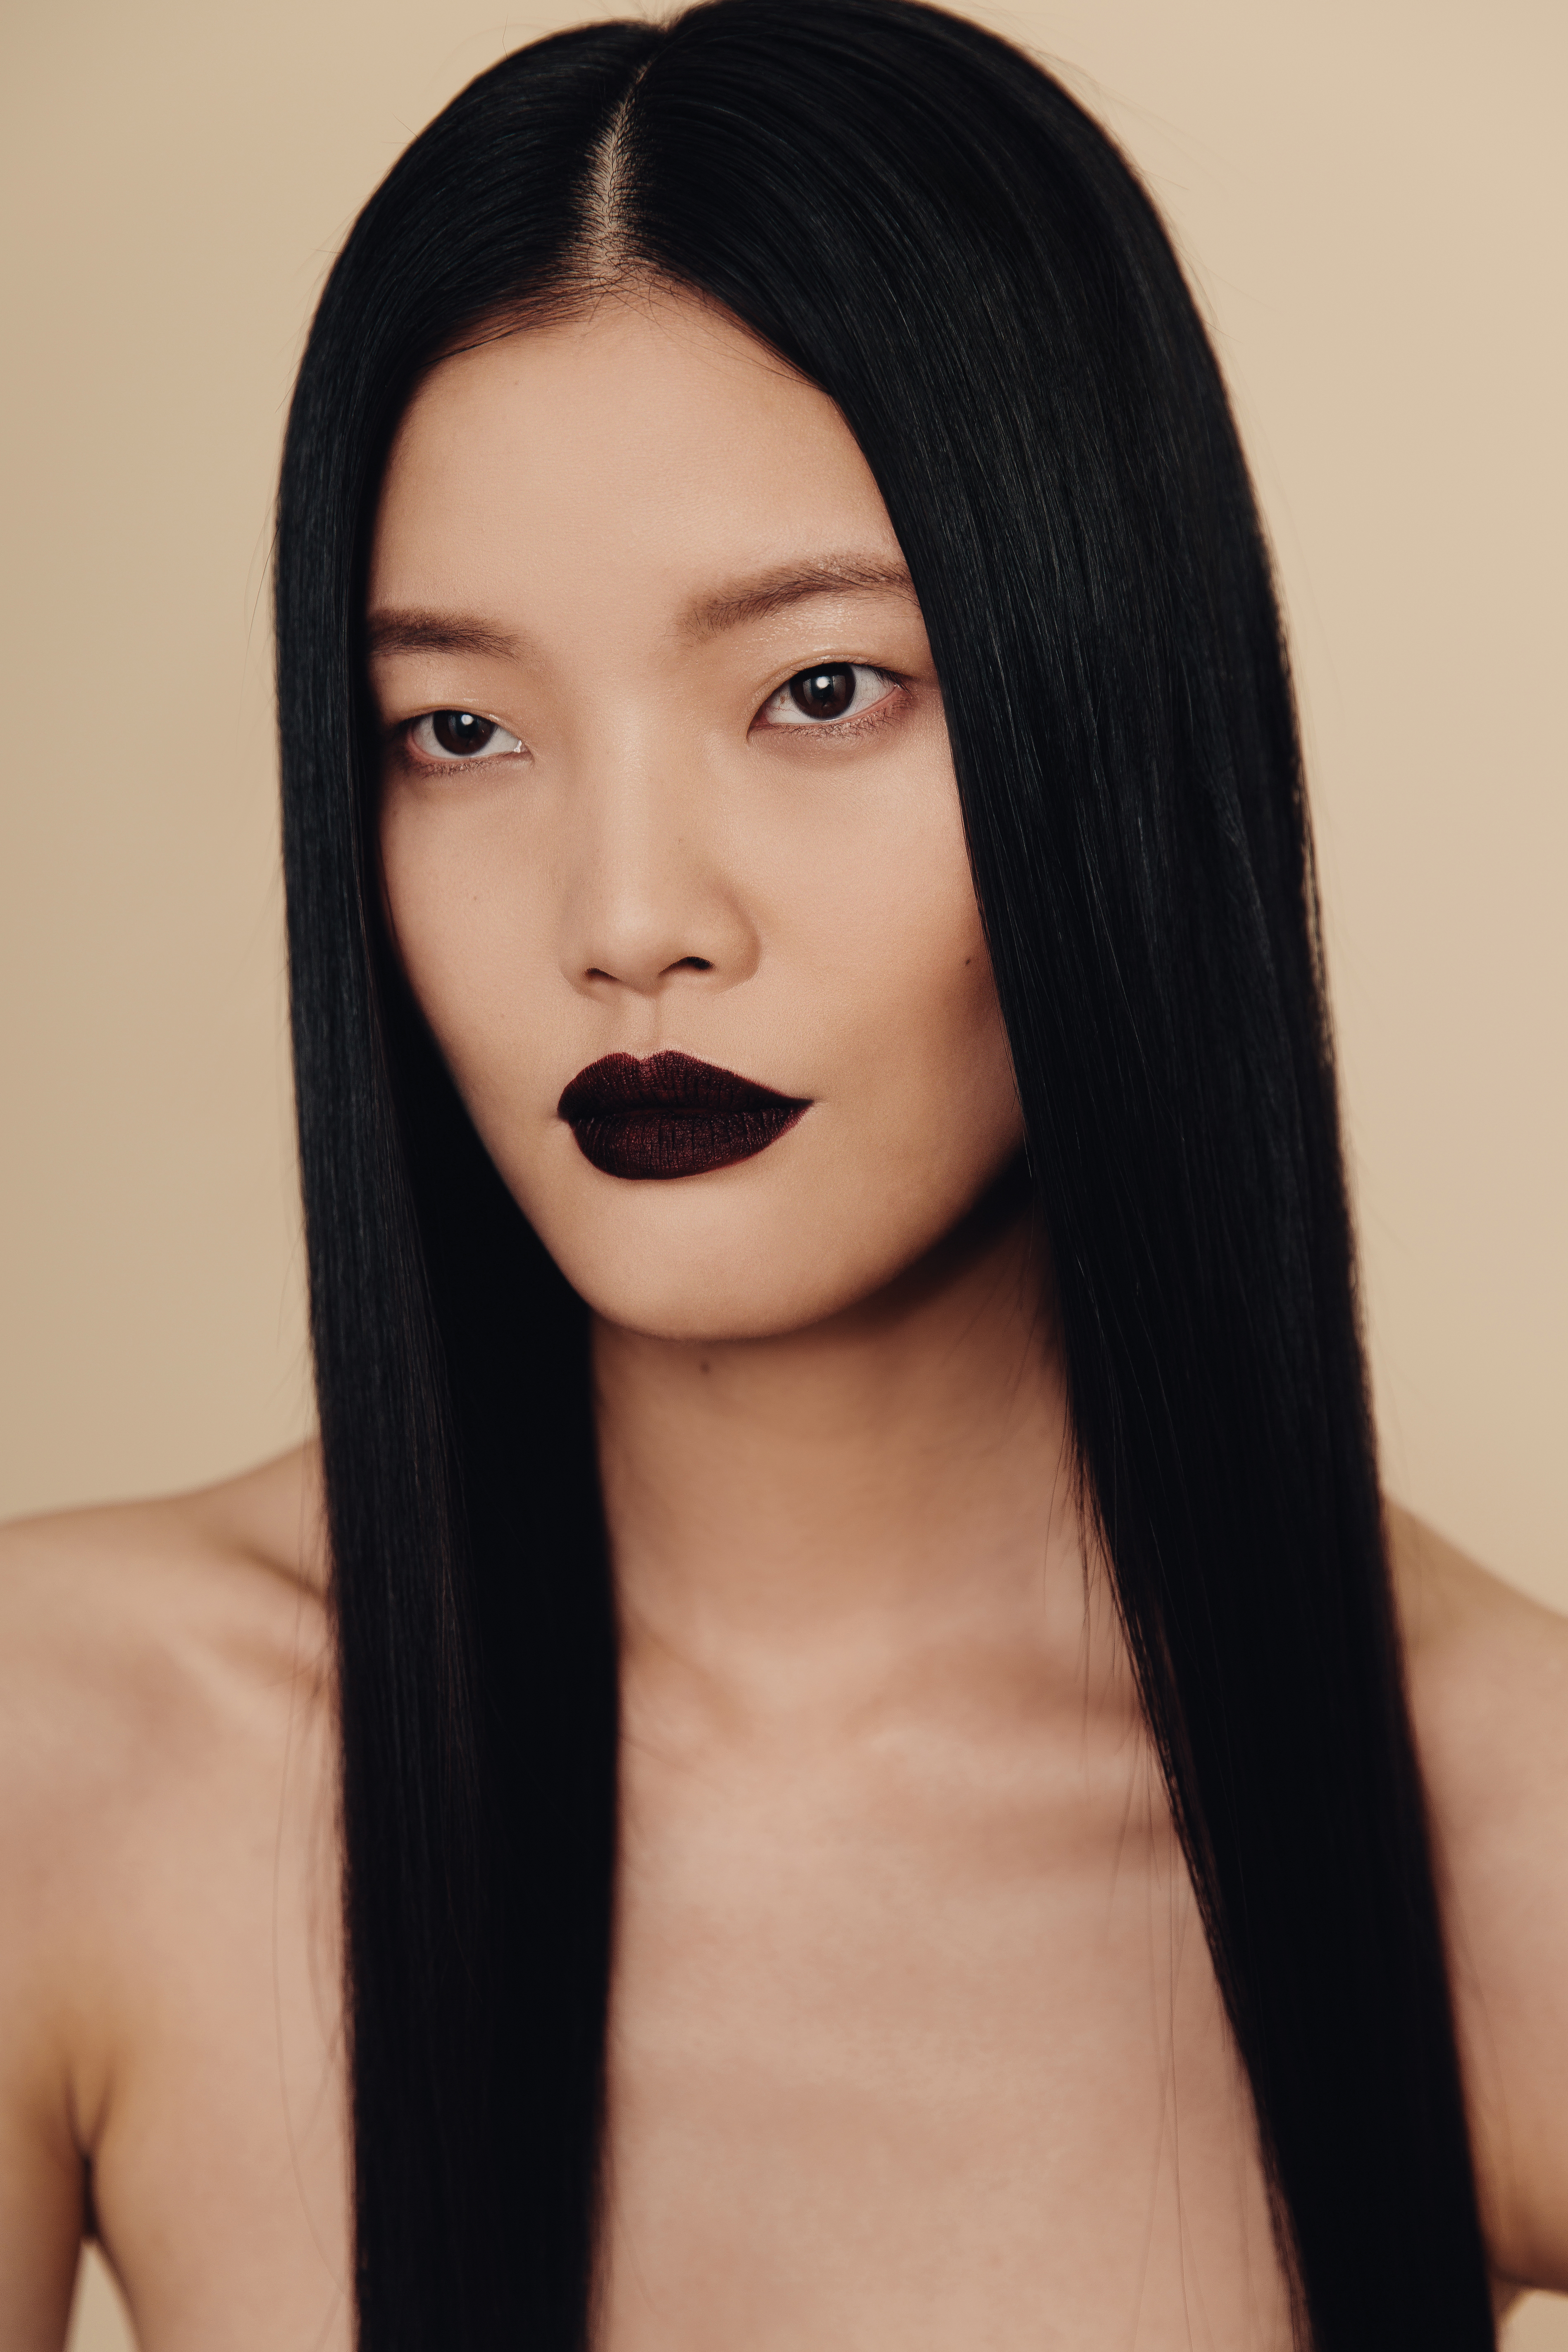 Backstage Makeup Artists Focus On